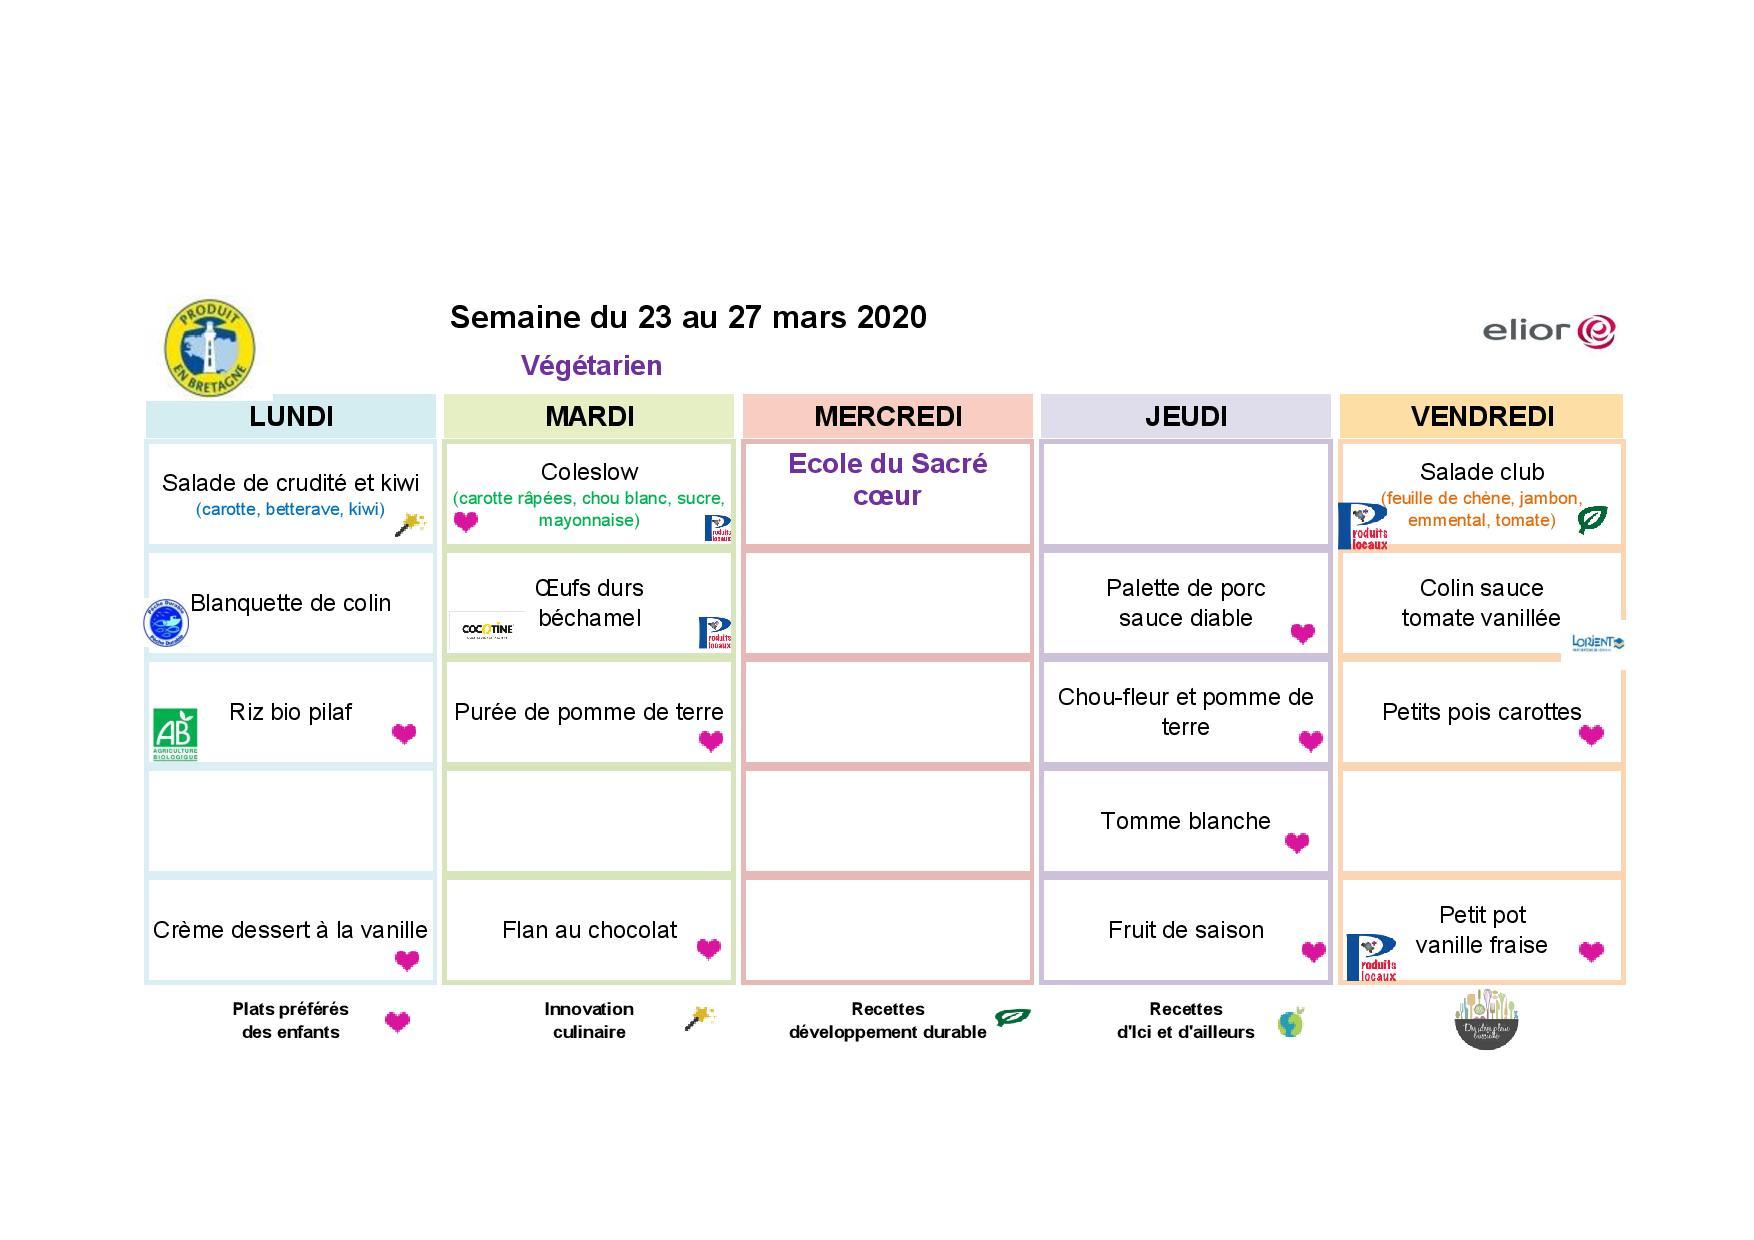 DIPA - MARS - AVRIL 2020 LIVRES LORIENT - Sacré Coeur-page-003